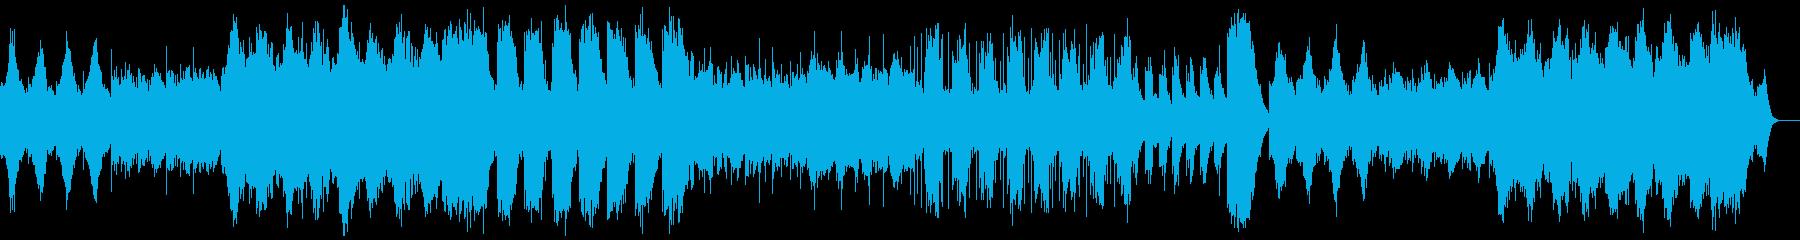 宇宙的なシンセサイザーのインストの再生済みの波形